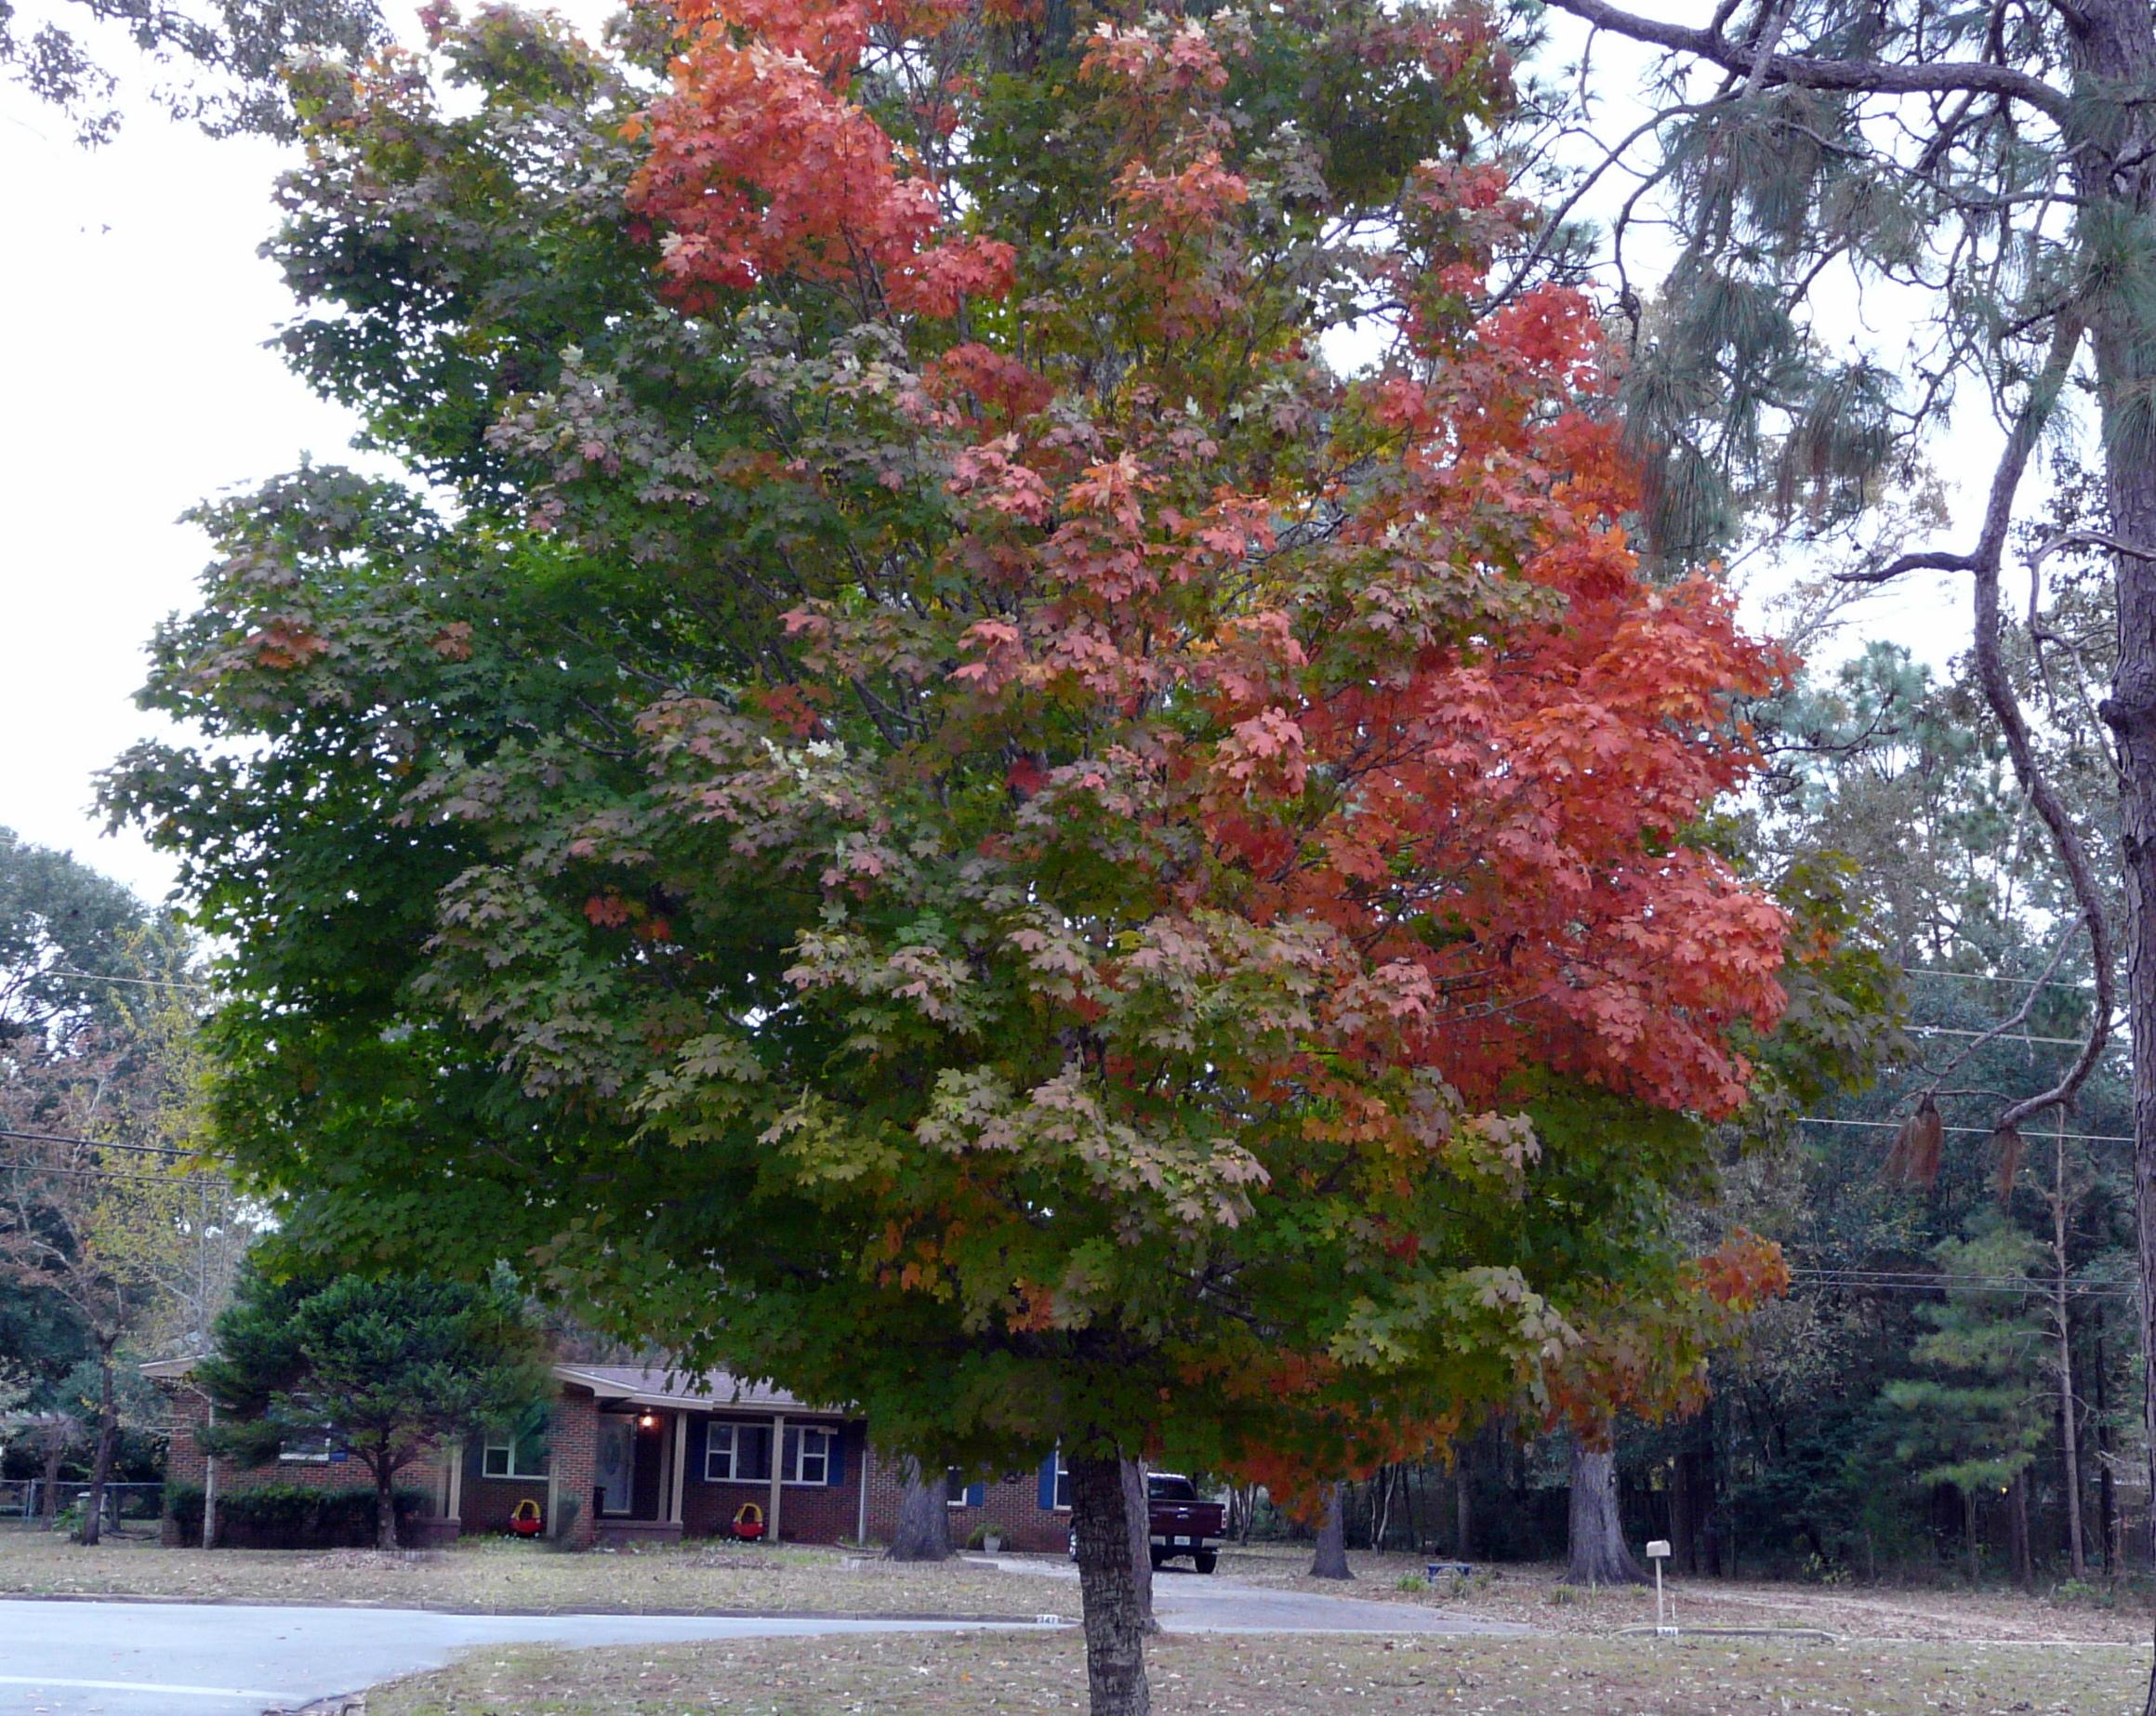 Florida-Maple-Fall-Color-2